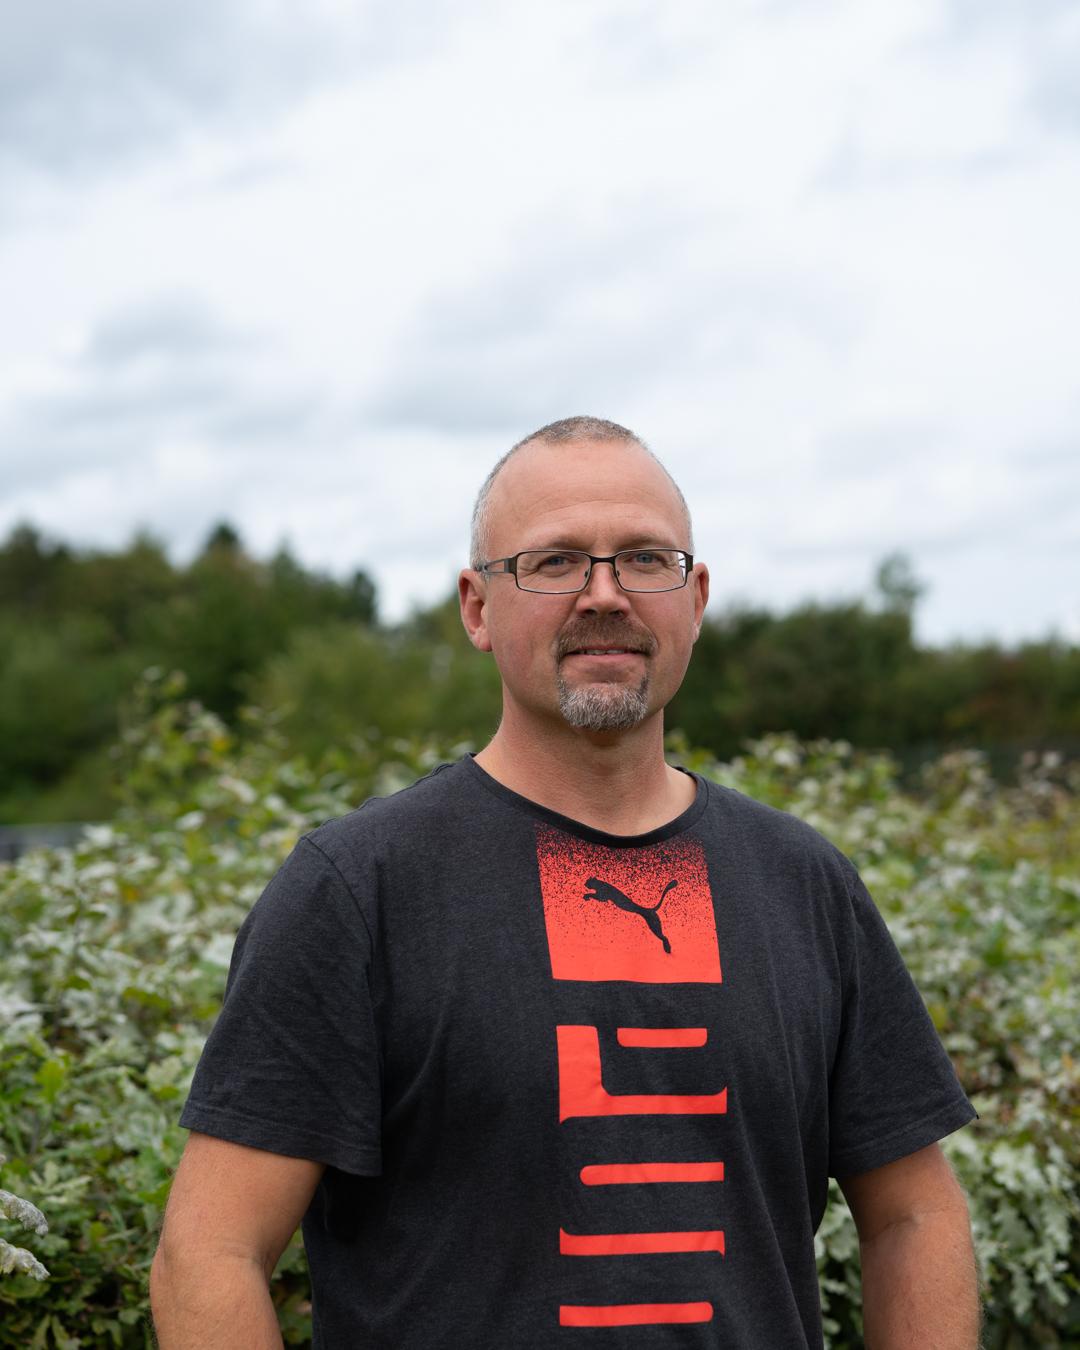 Fredrik Jälevik